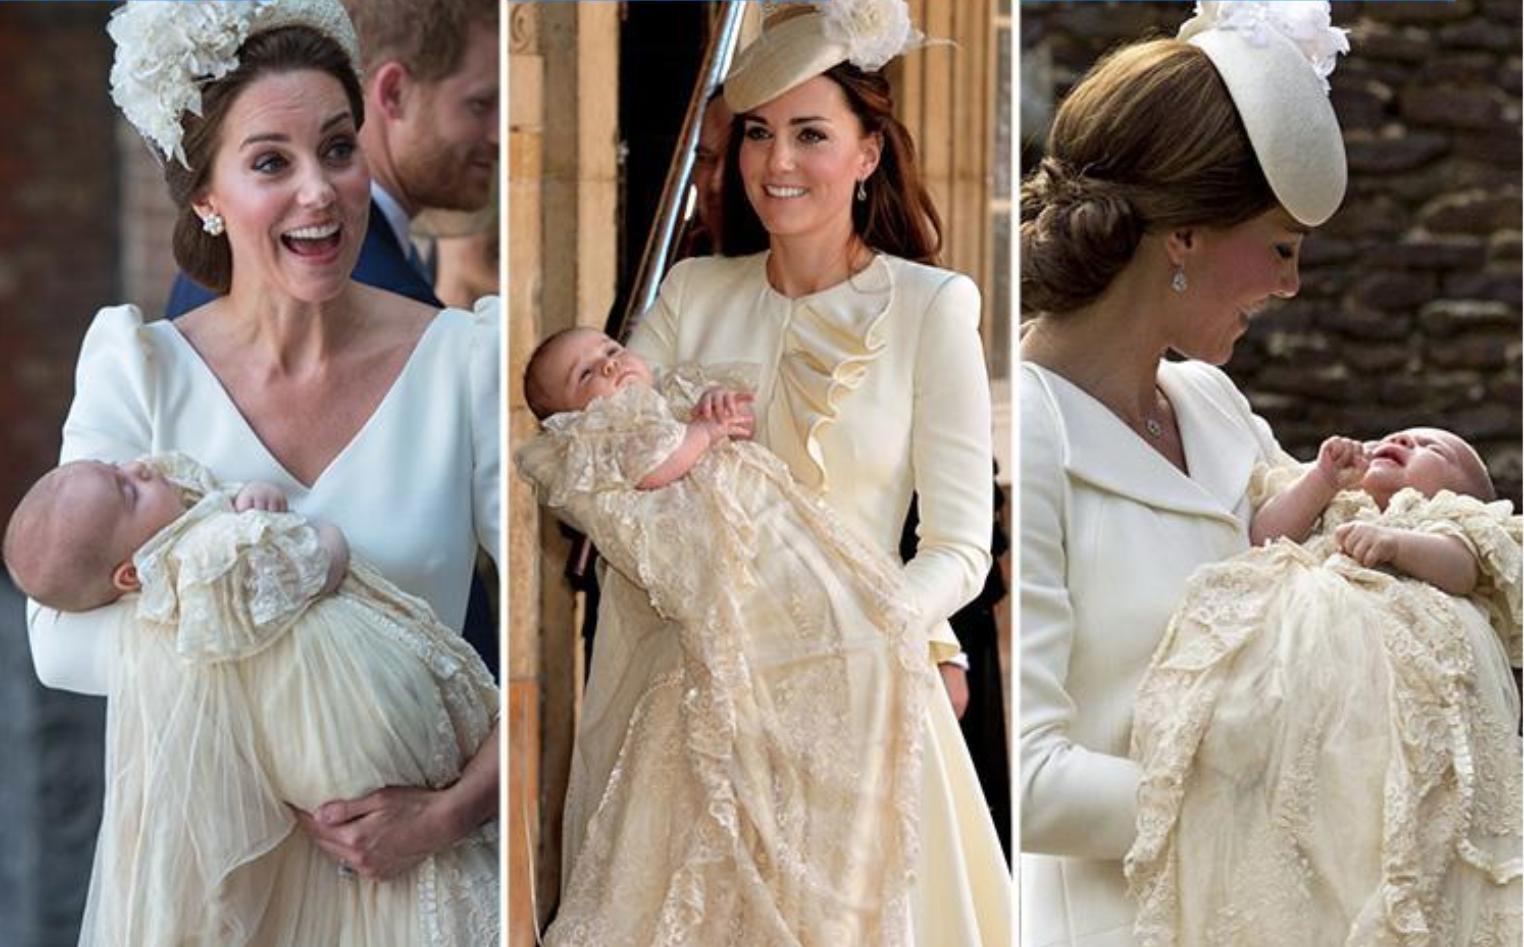 Kate Middleton christening fashion